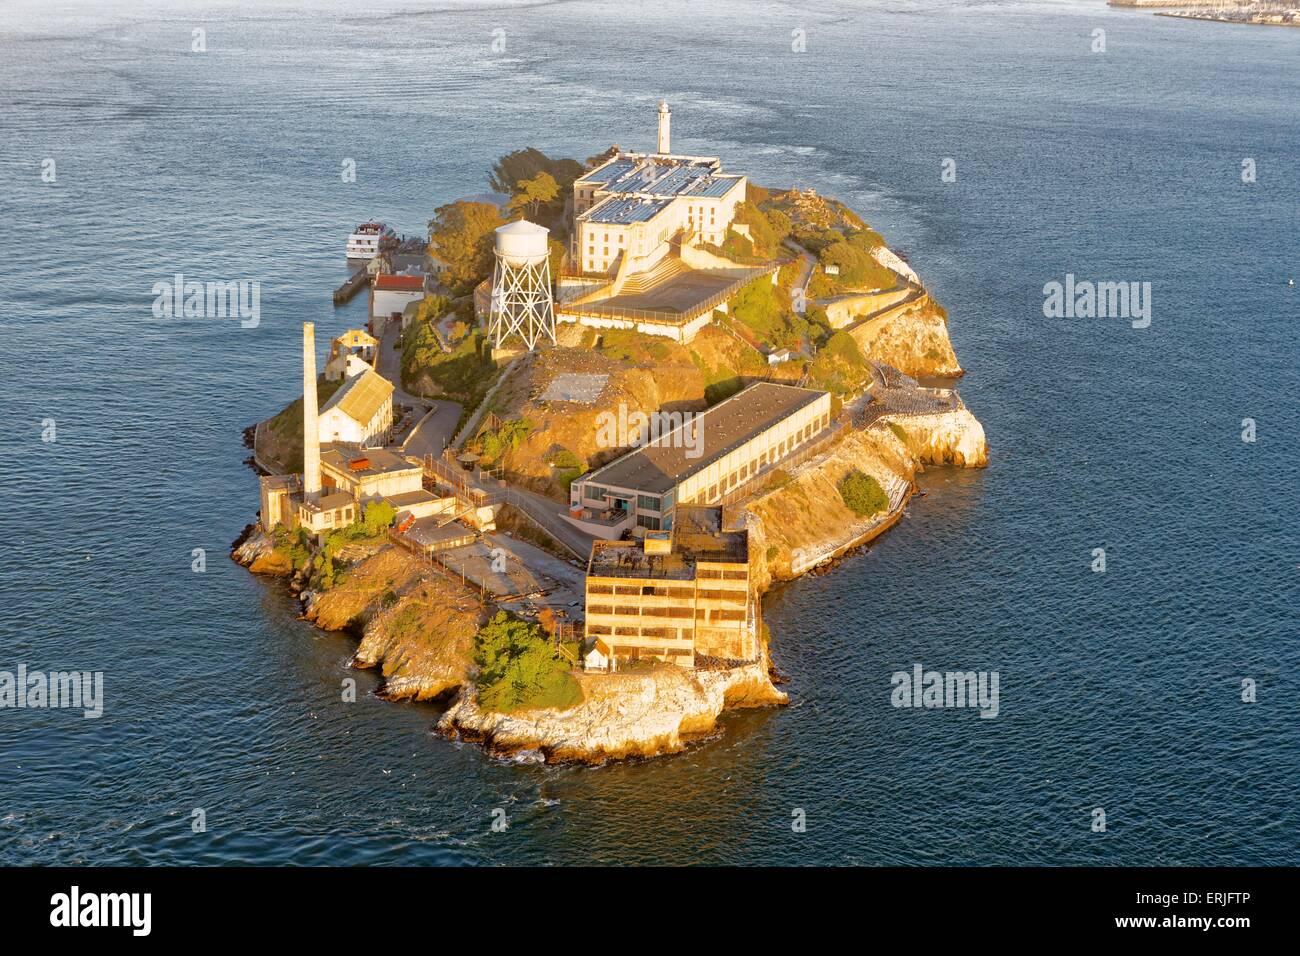 Veduta aerea di San Francisco al tramonto veduta aerea di San Francisco e l'Isola di Alcatraz al tramonto Immagini Stock